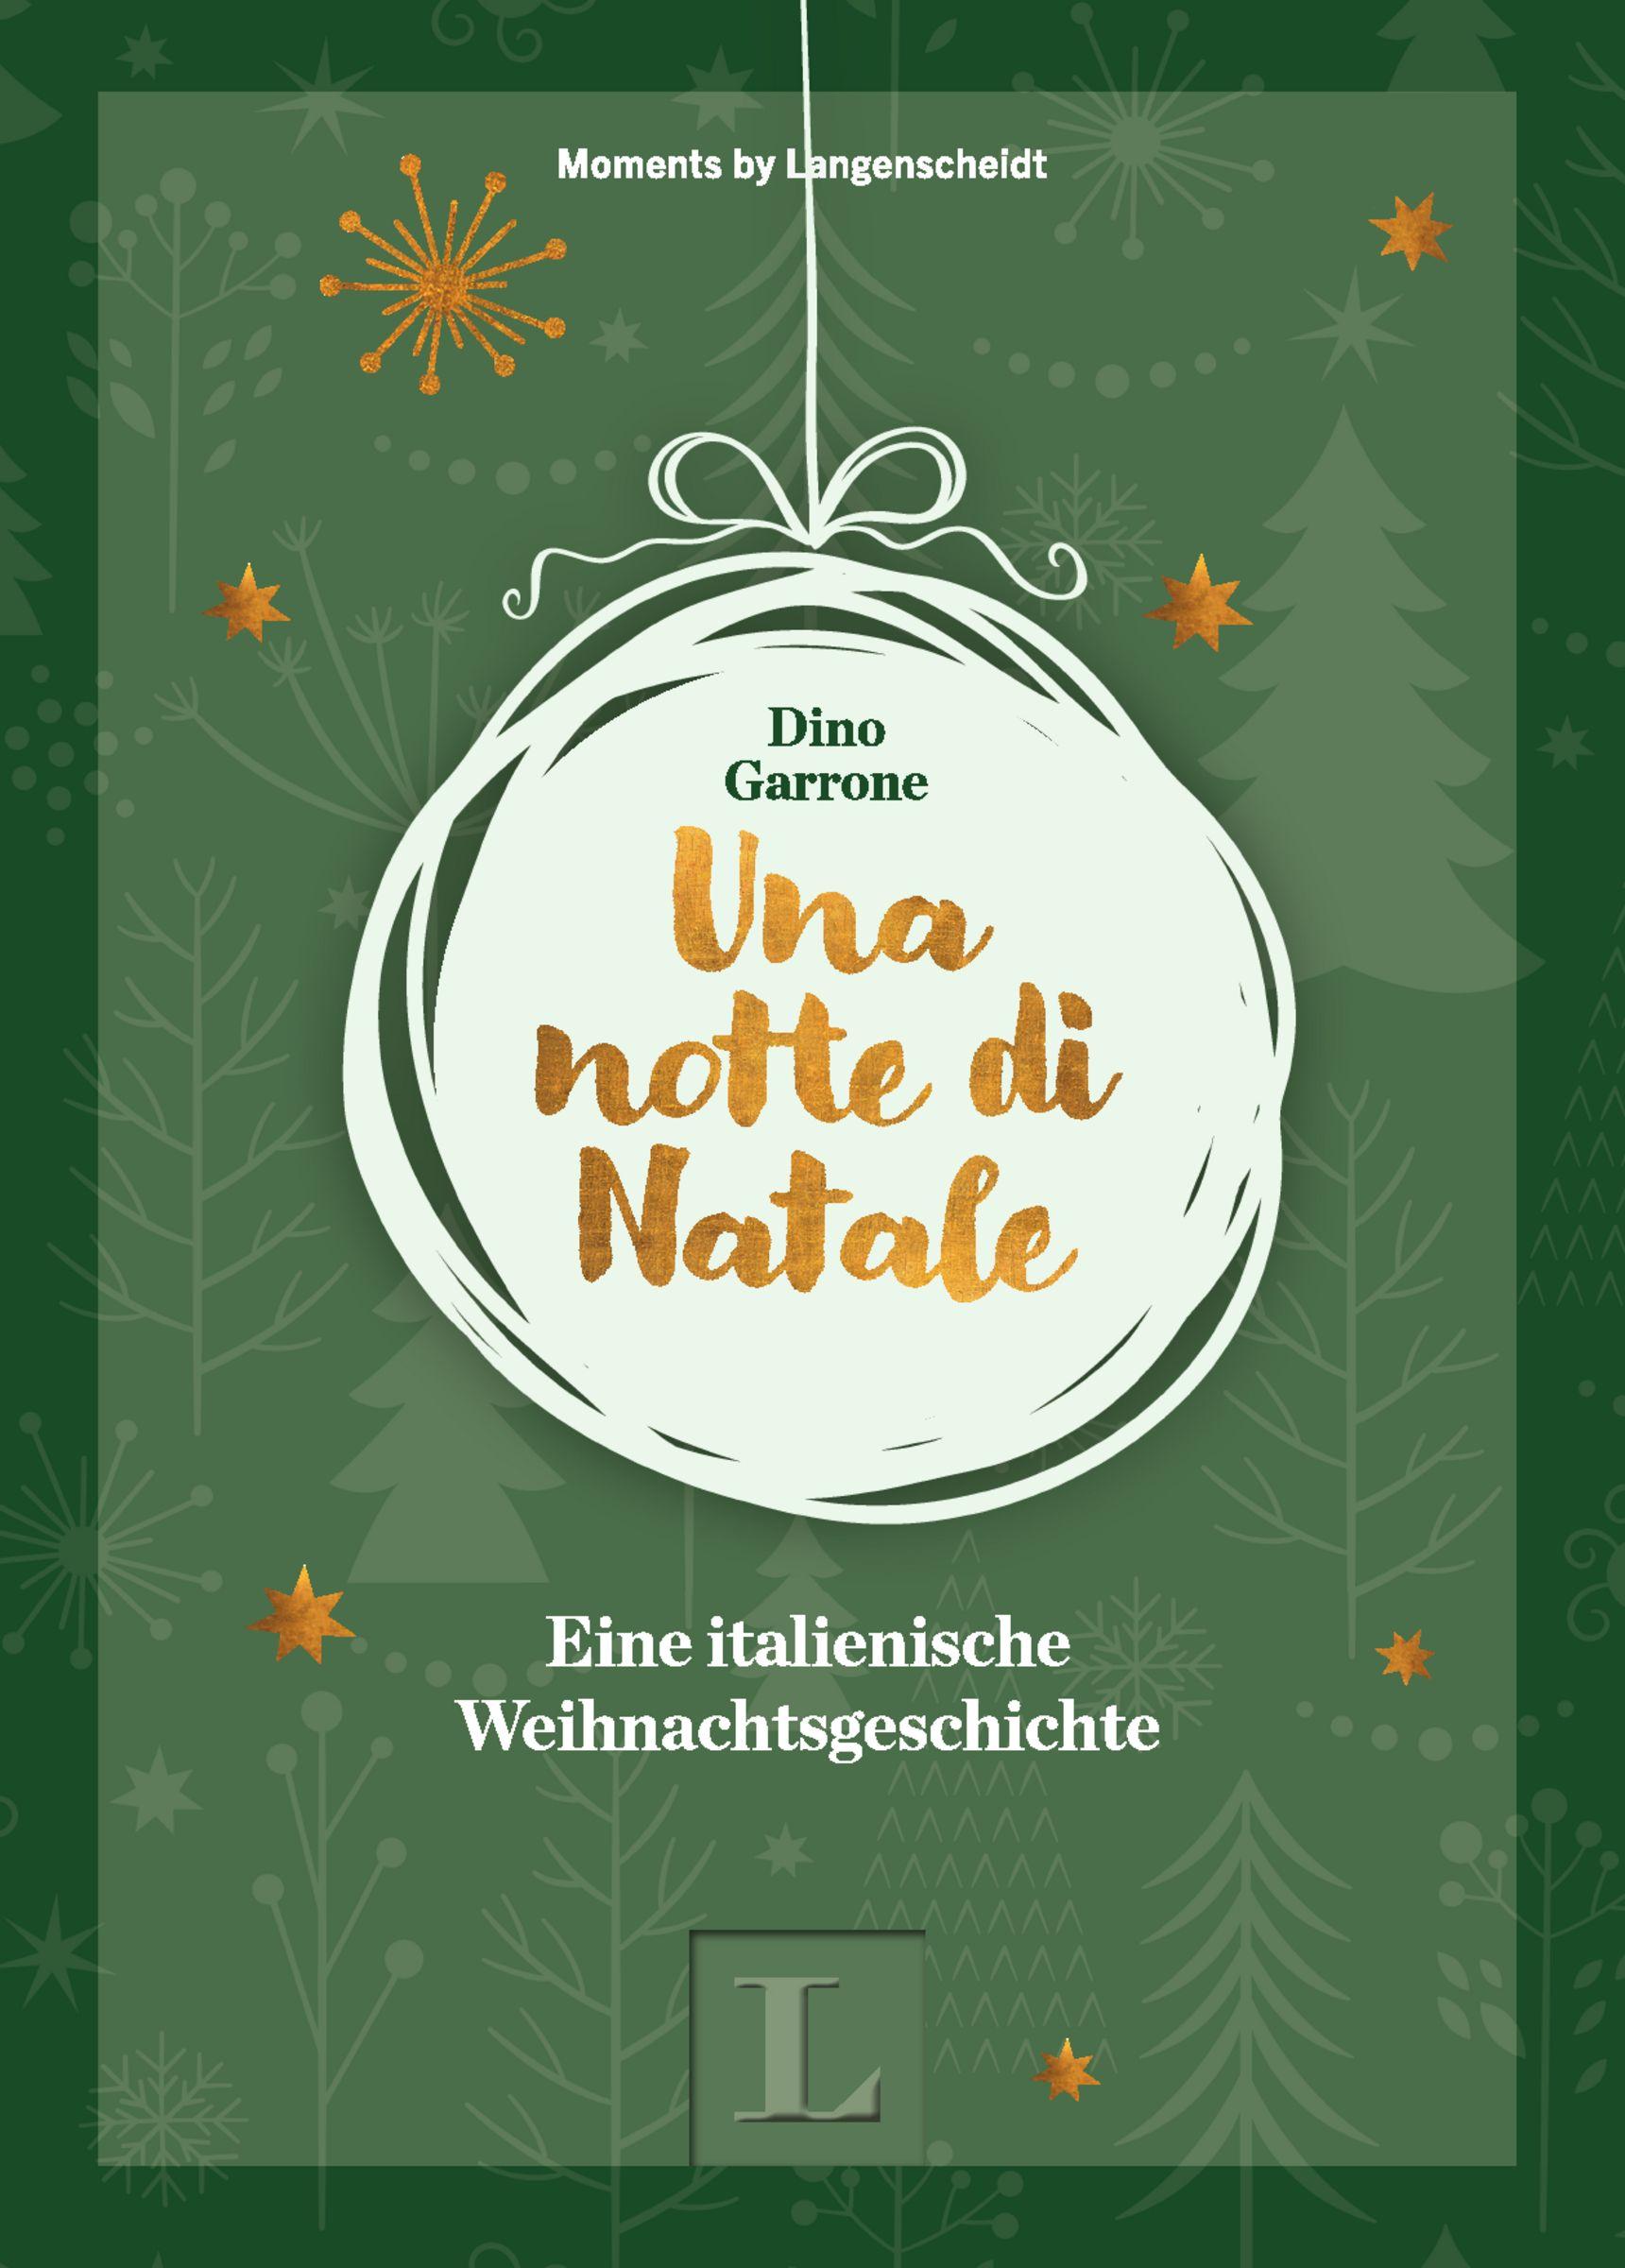 Una notte di Natale - Mini-Lektüre als perfektes Geschenk von Garrone